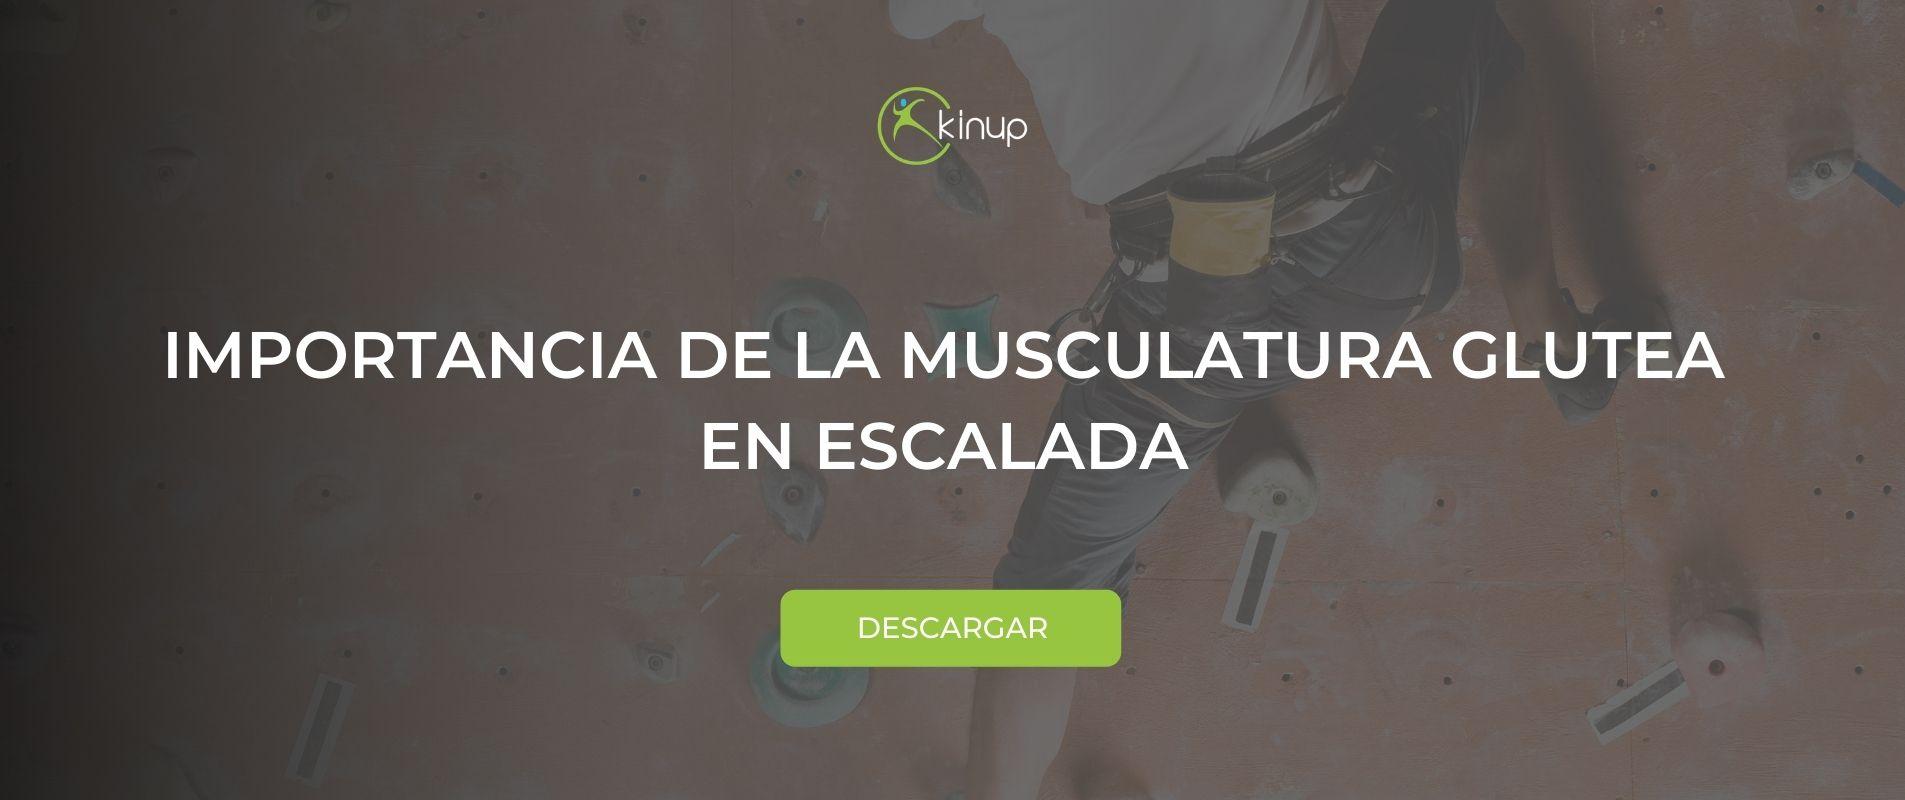 IMPORTANCIA DE LA MUSCULATURA GLUTEA EN ESCALADA